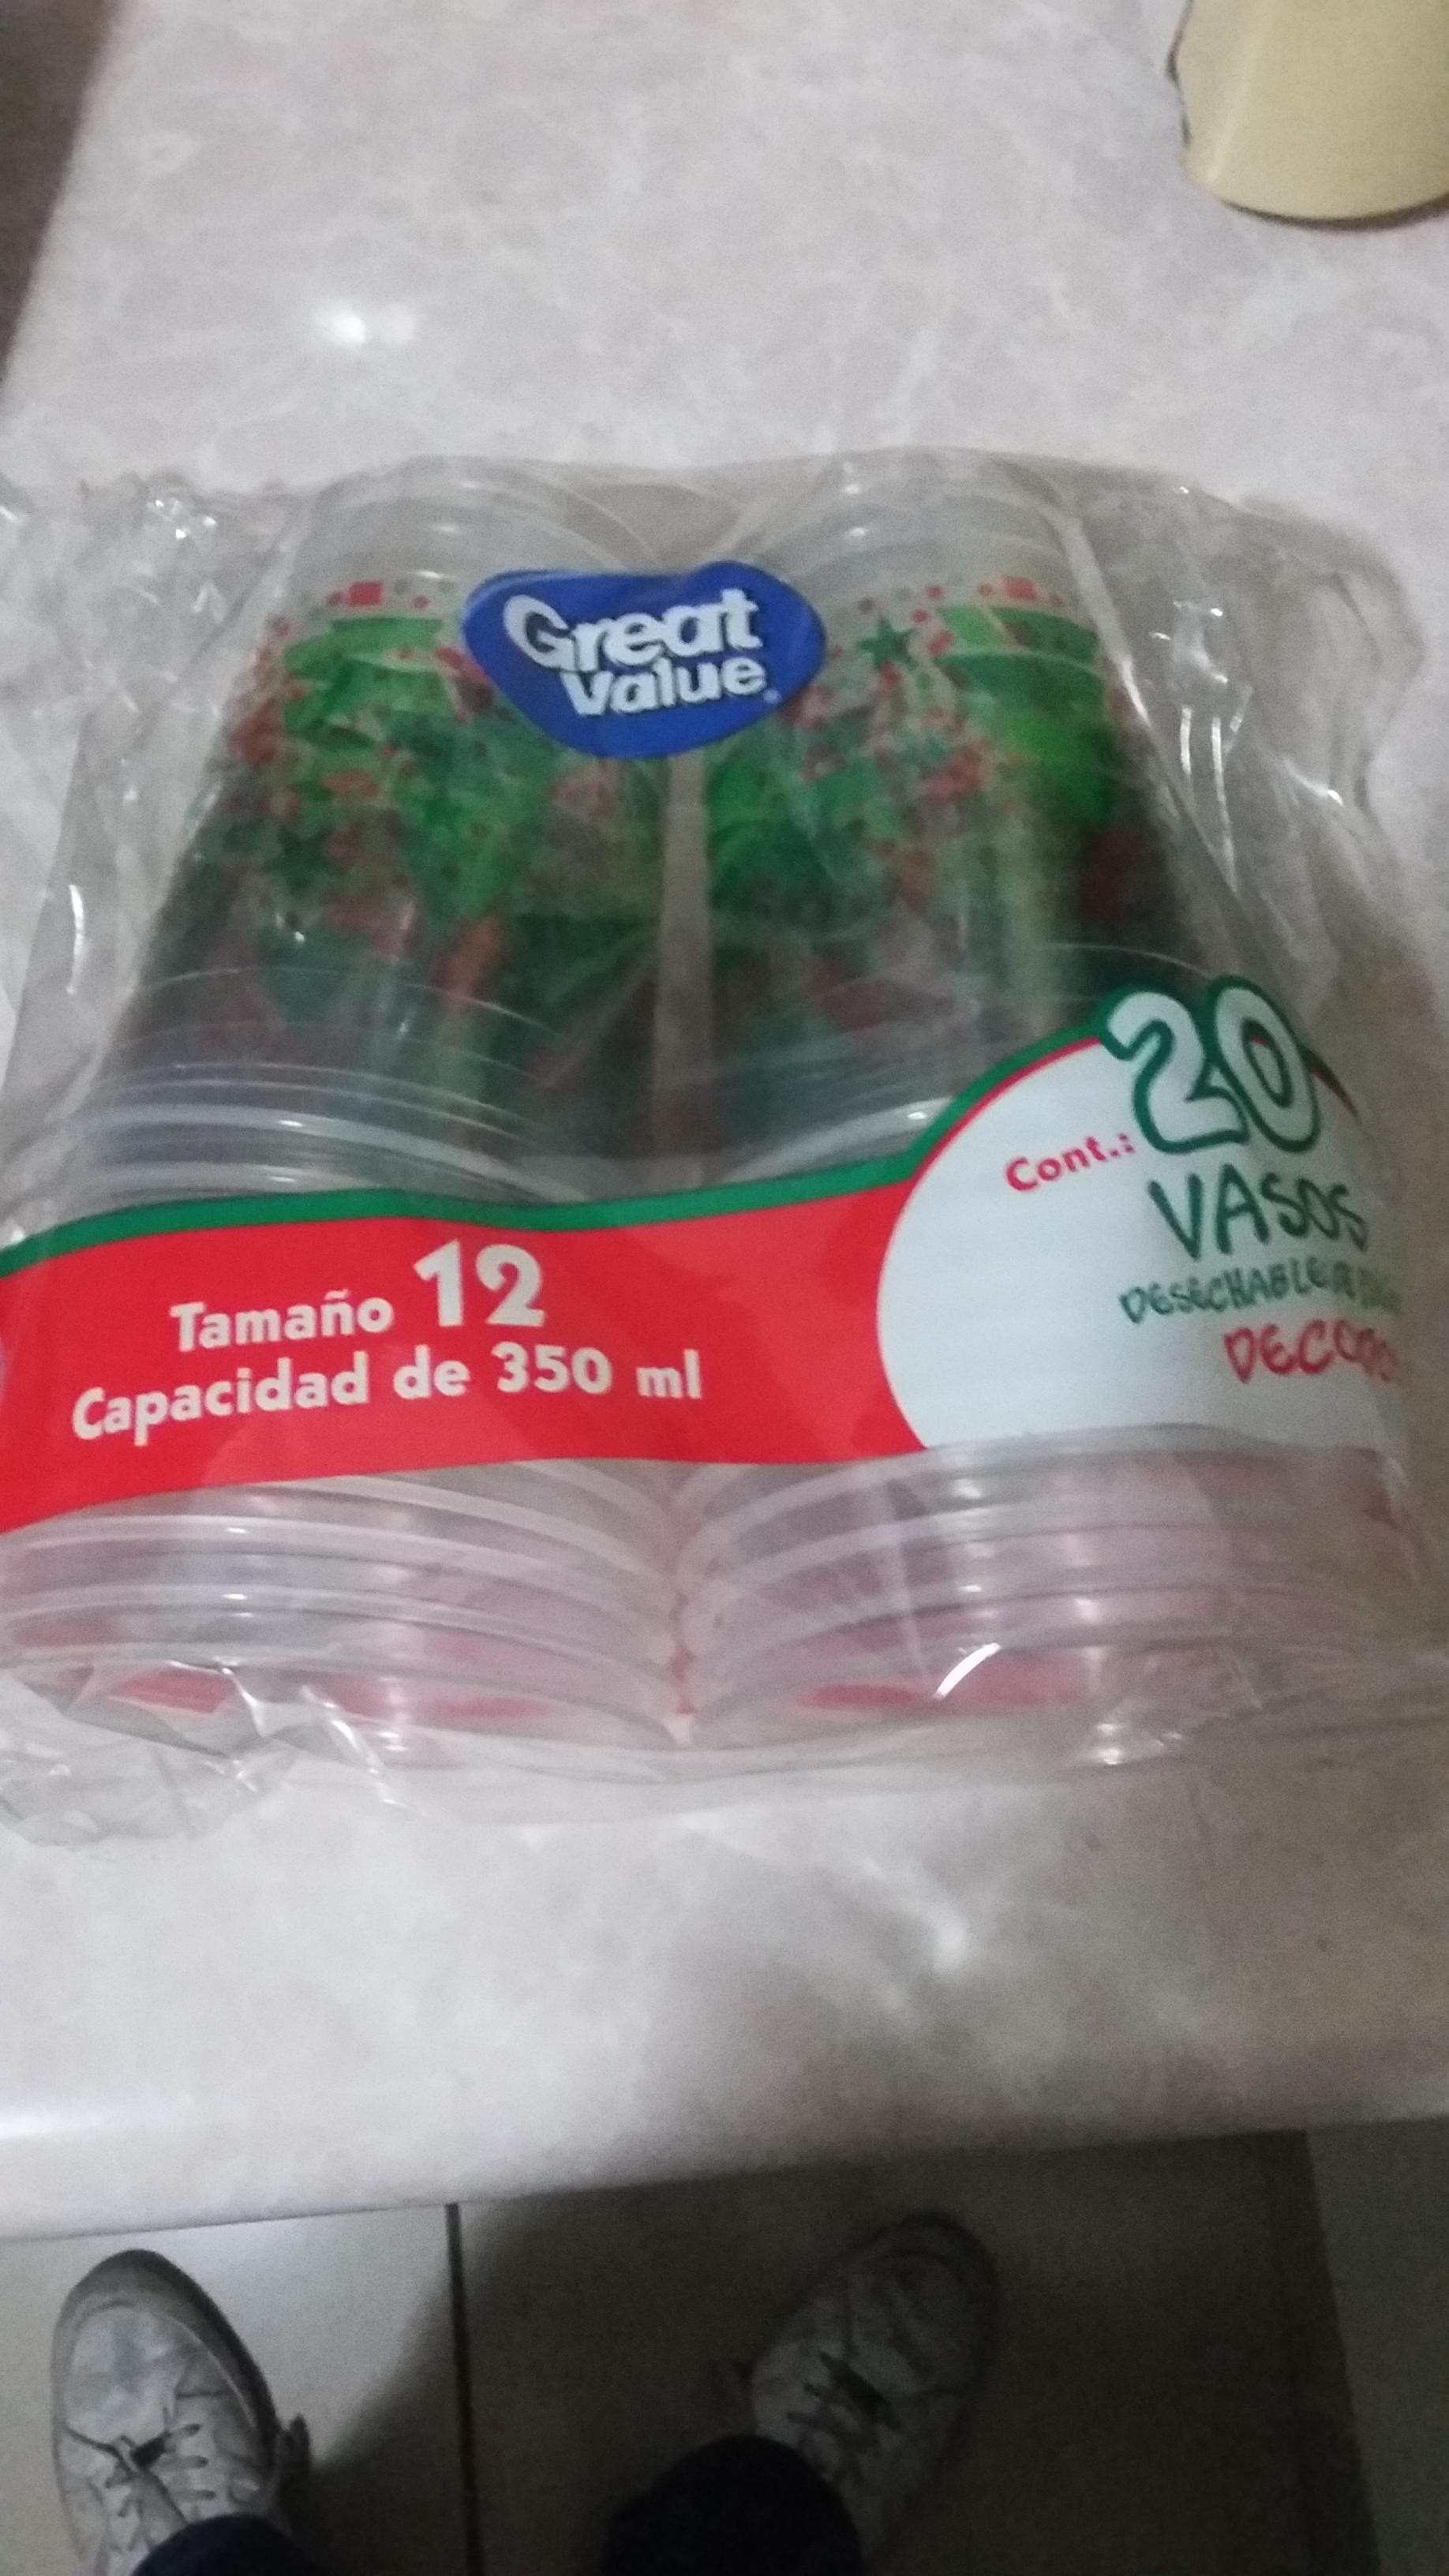 Walmart Centro Sur Tlaquepaque: Vasos navideños desechables a $ 10.03, Promonovela con luces navideñas verdes de $0.01 y mucho más.